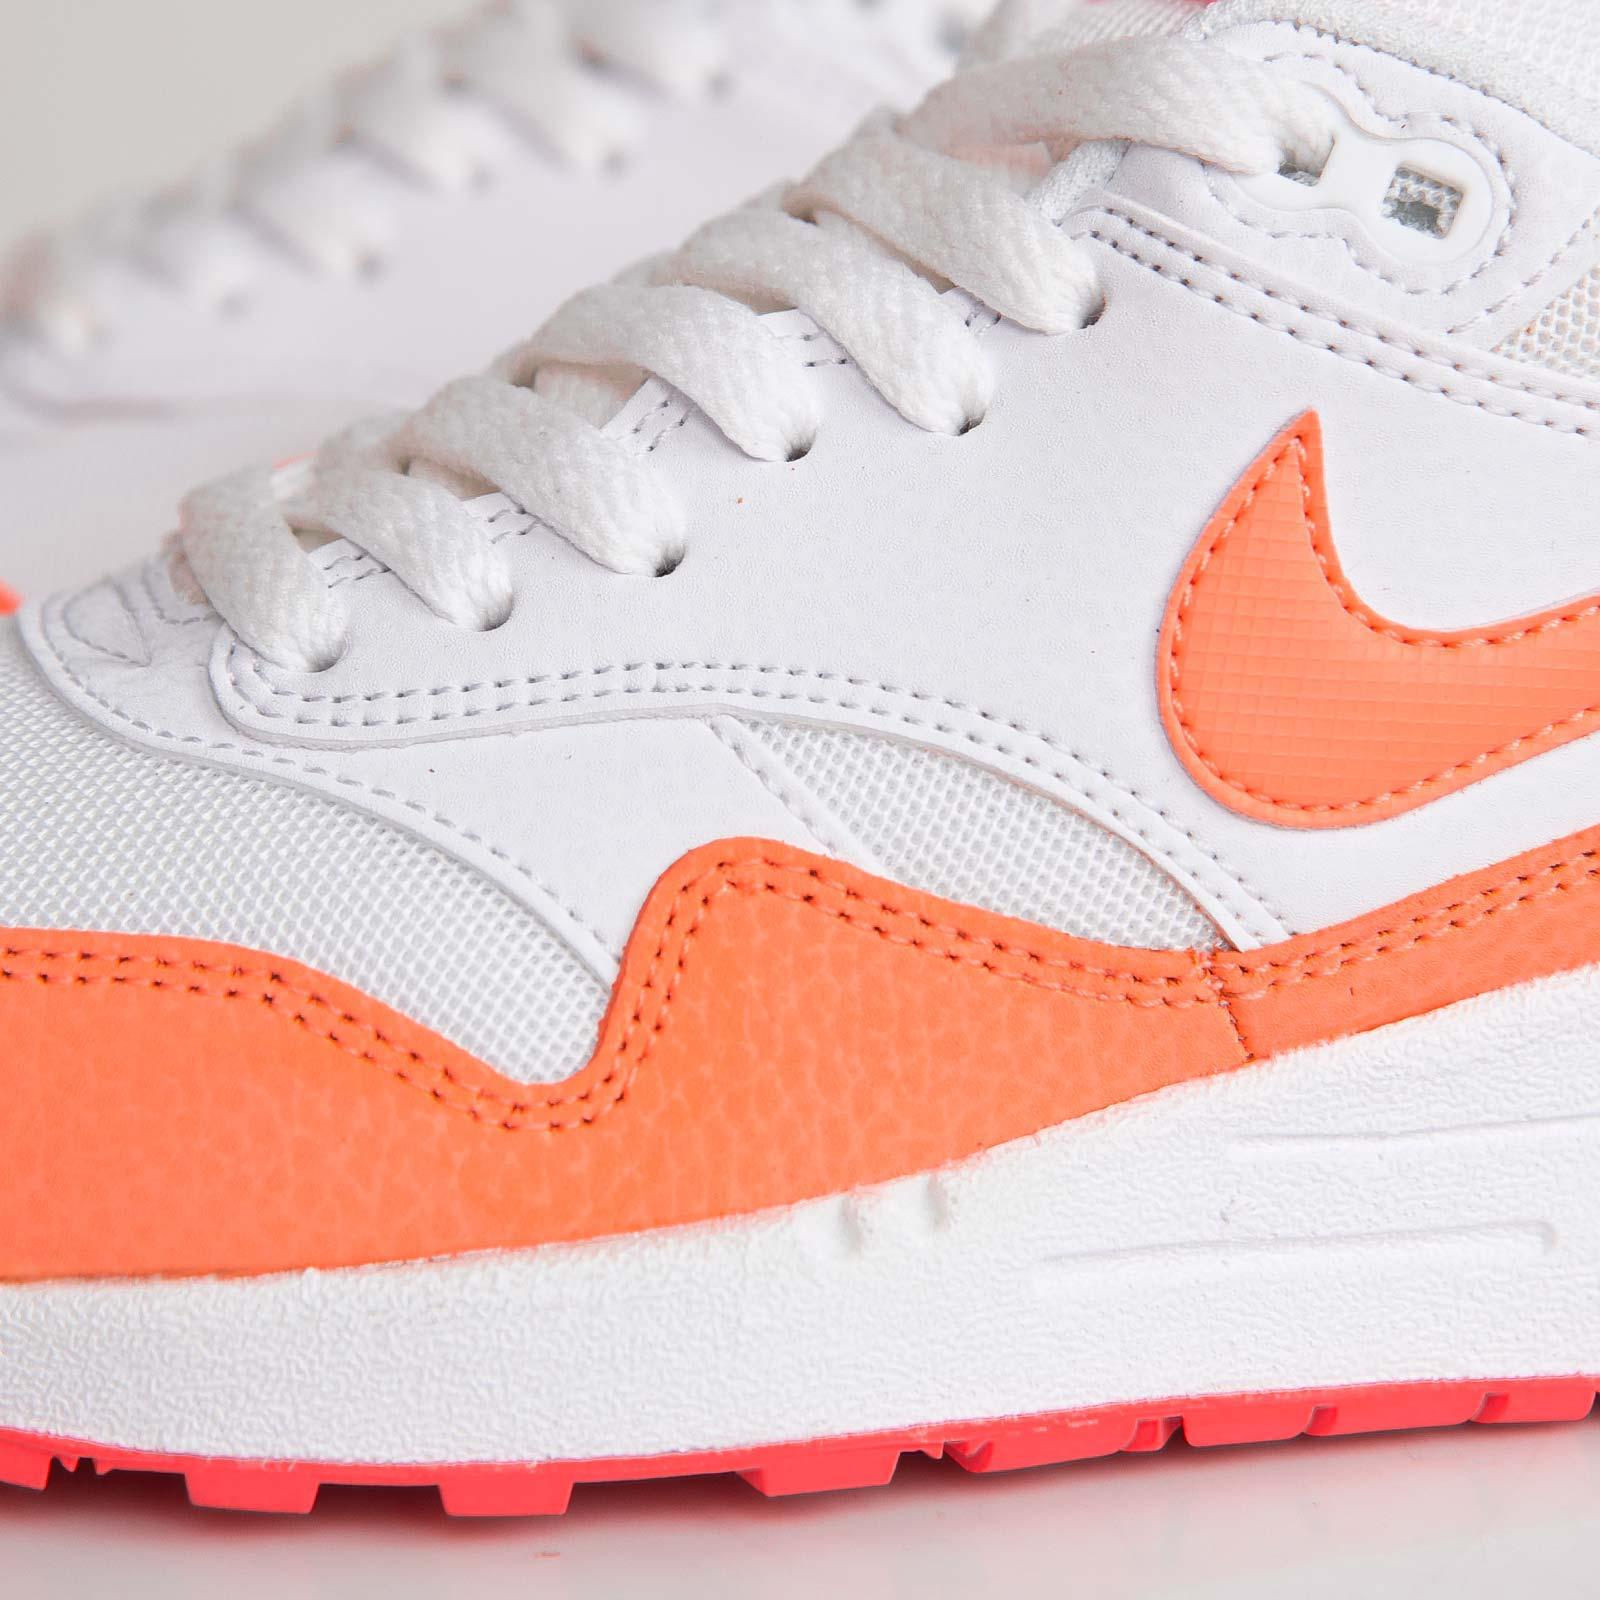 online store 02fd9 ee1b3 Nike Wmns Air Max 1 Essential - 599820-114 - Sneakersnstuff   sneakers    streetwear online since 1999